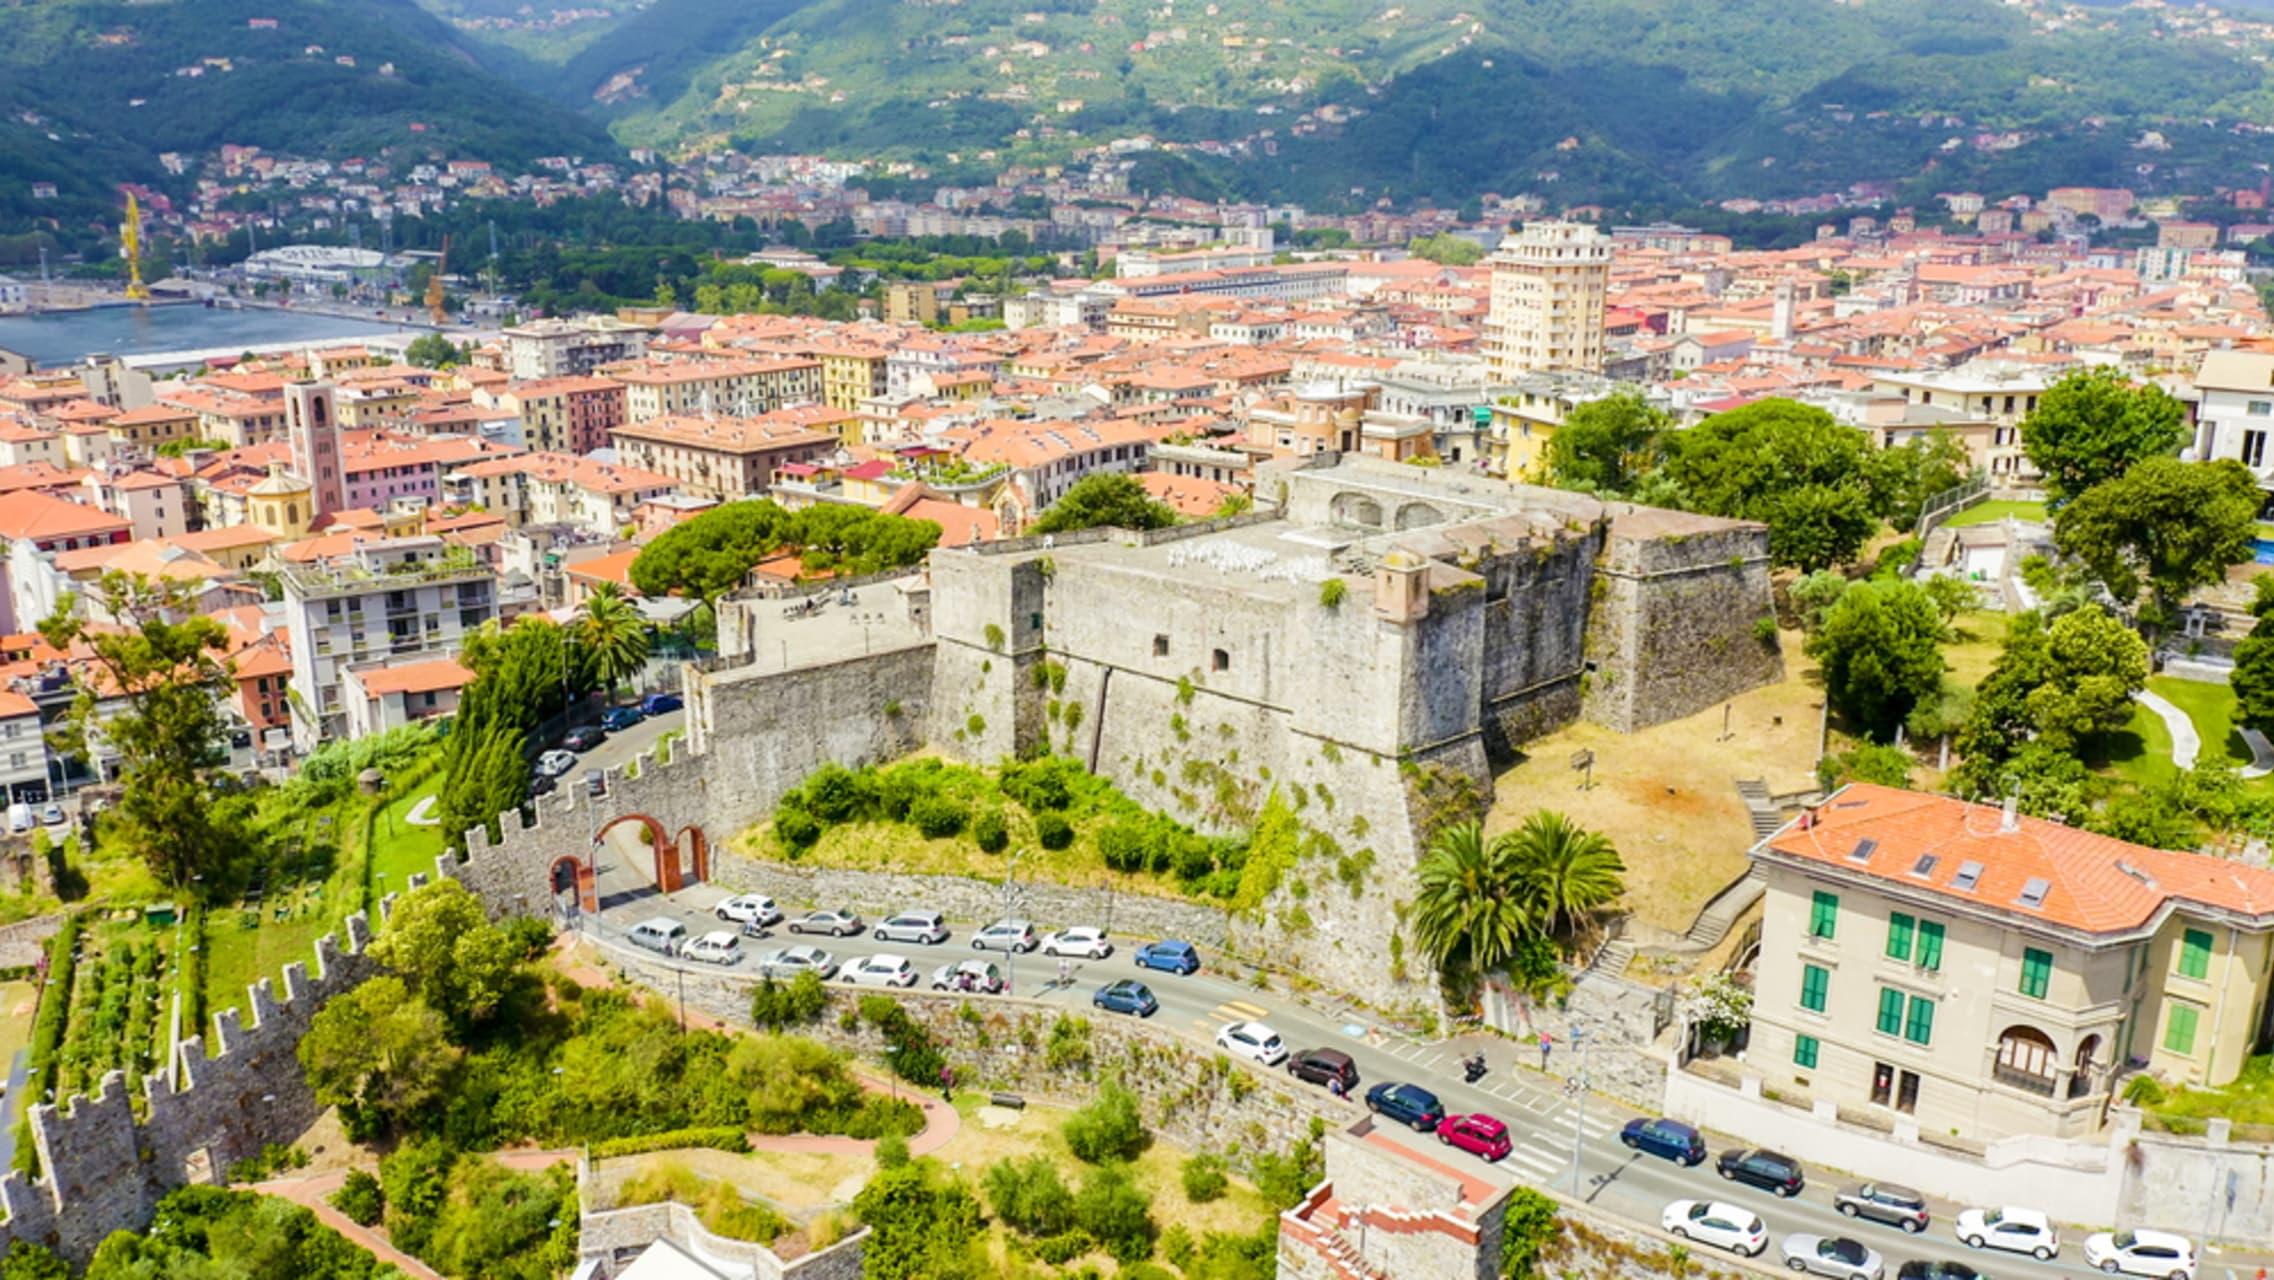 Cinque Terre & Portovenere - La Spezia an impressive city to discover - part 1 - The Port, the front sea promenade and the military Arsenal